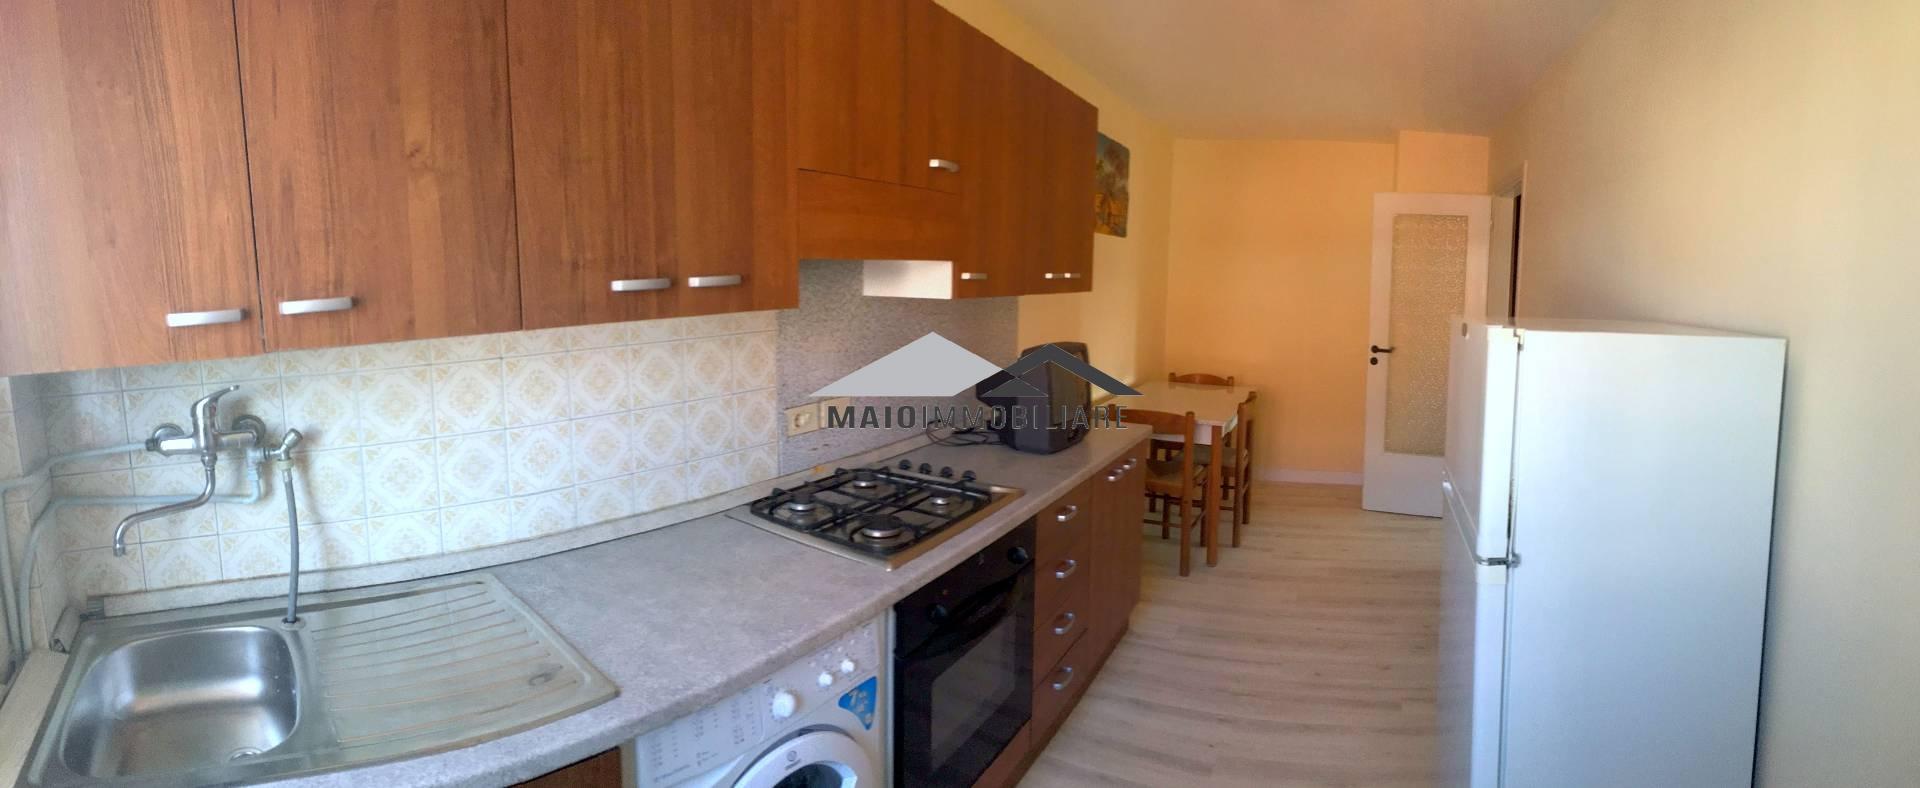 Appartamento in affitto a Misano Adriatico, 3 locali, zona Località: misanomare, prezzo € 550 | Cambio Casa.it